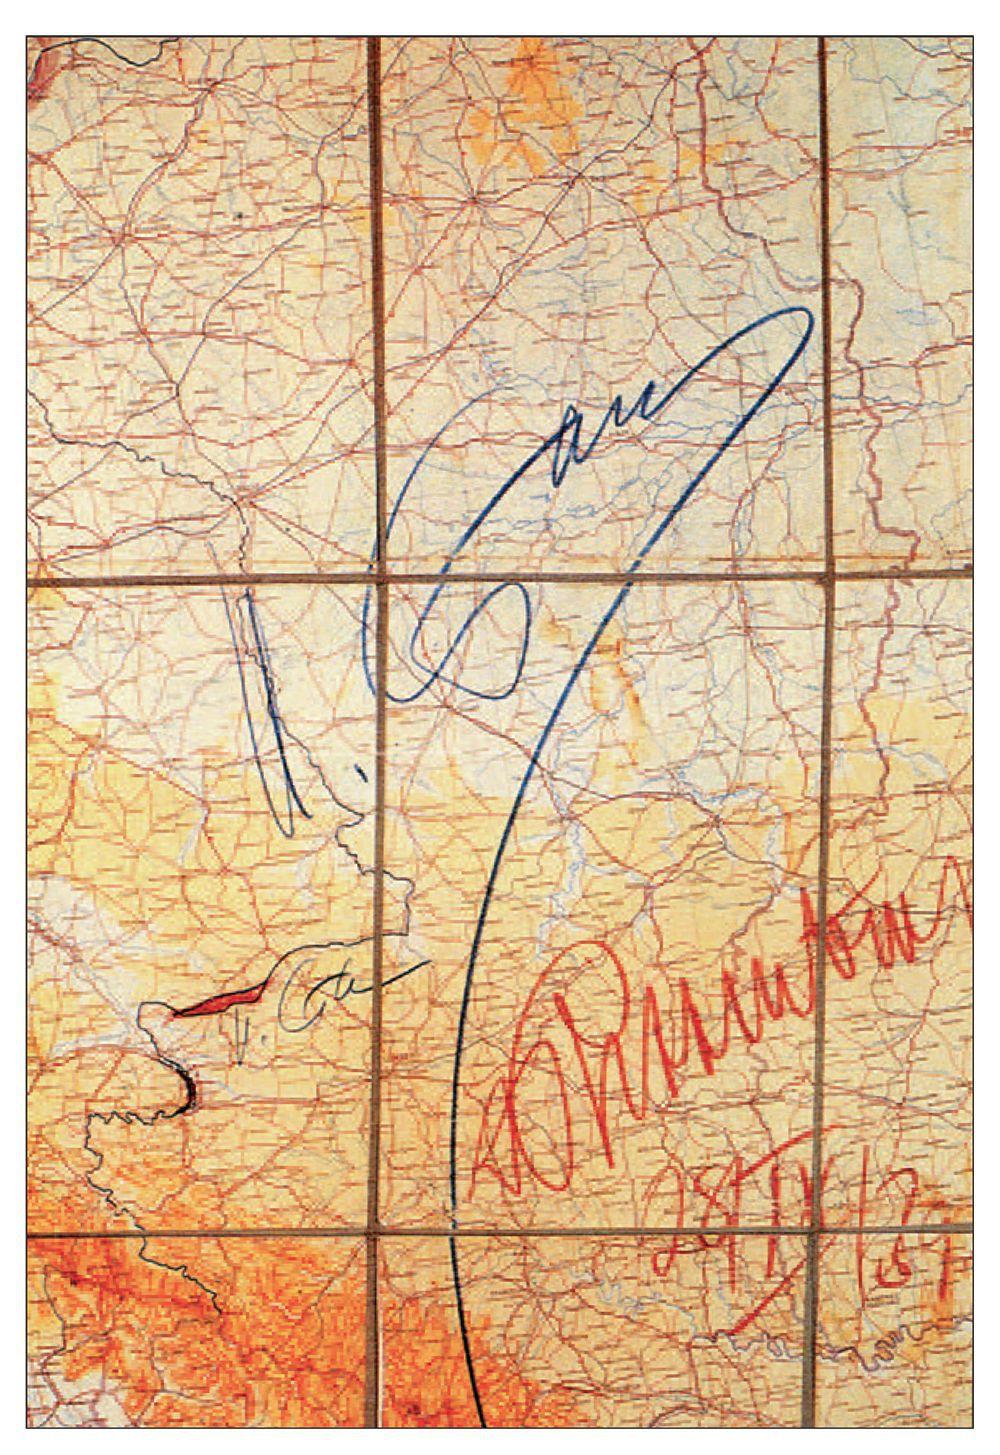 Carta che illustra l'intesa germano-sovietica sui confini lituani e polacco-tedeschi codificata nel protocollo segreto allegato al patto Molotov-Ribbentrop. Reca le firme di Stalin e di von Ribbentrop, con la data (28 settembre 1939). Fonte: Mercator's World, July-August 1998, volume 3 number 4, p. 60.